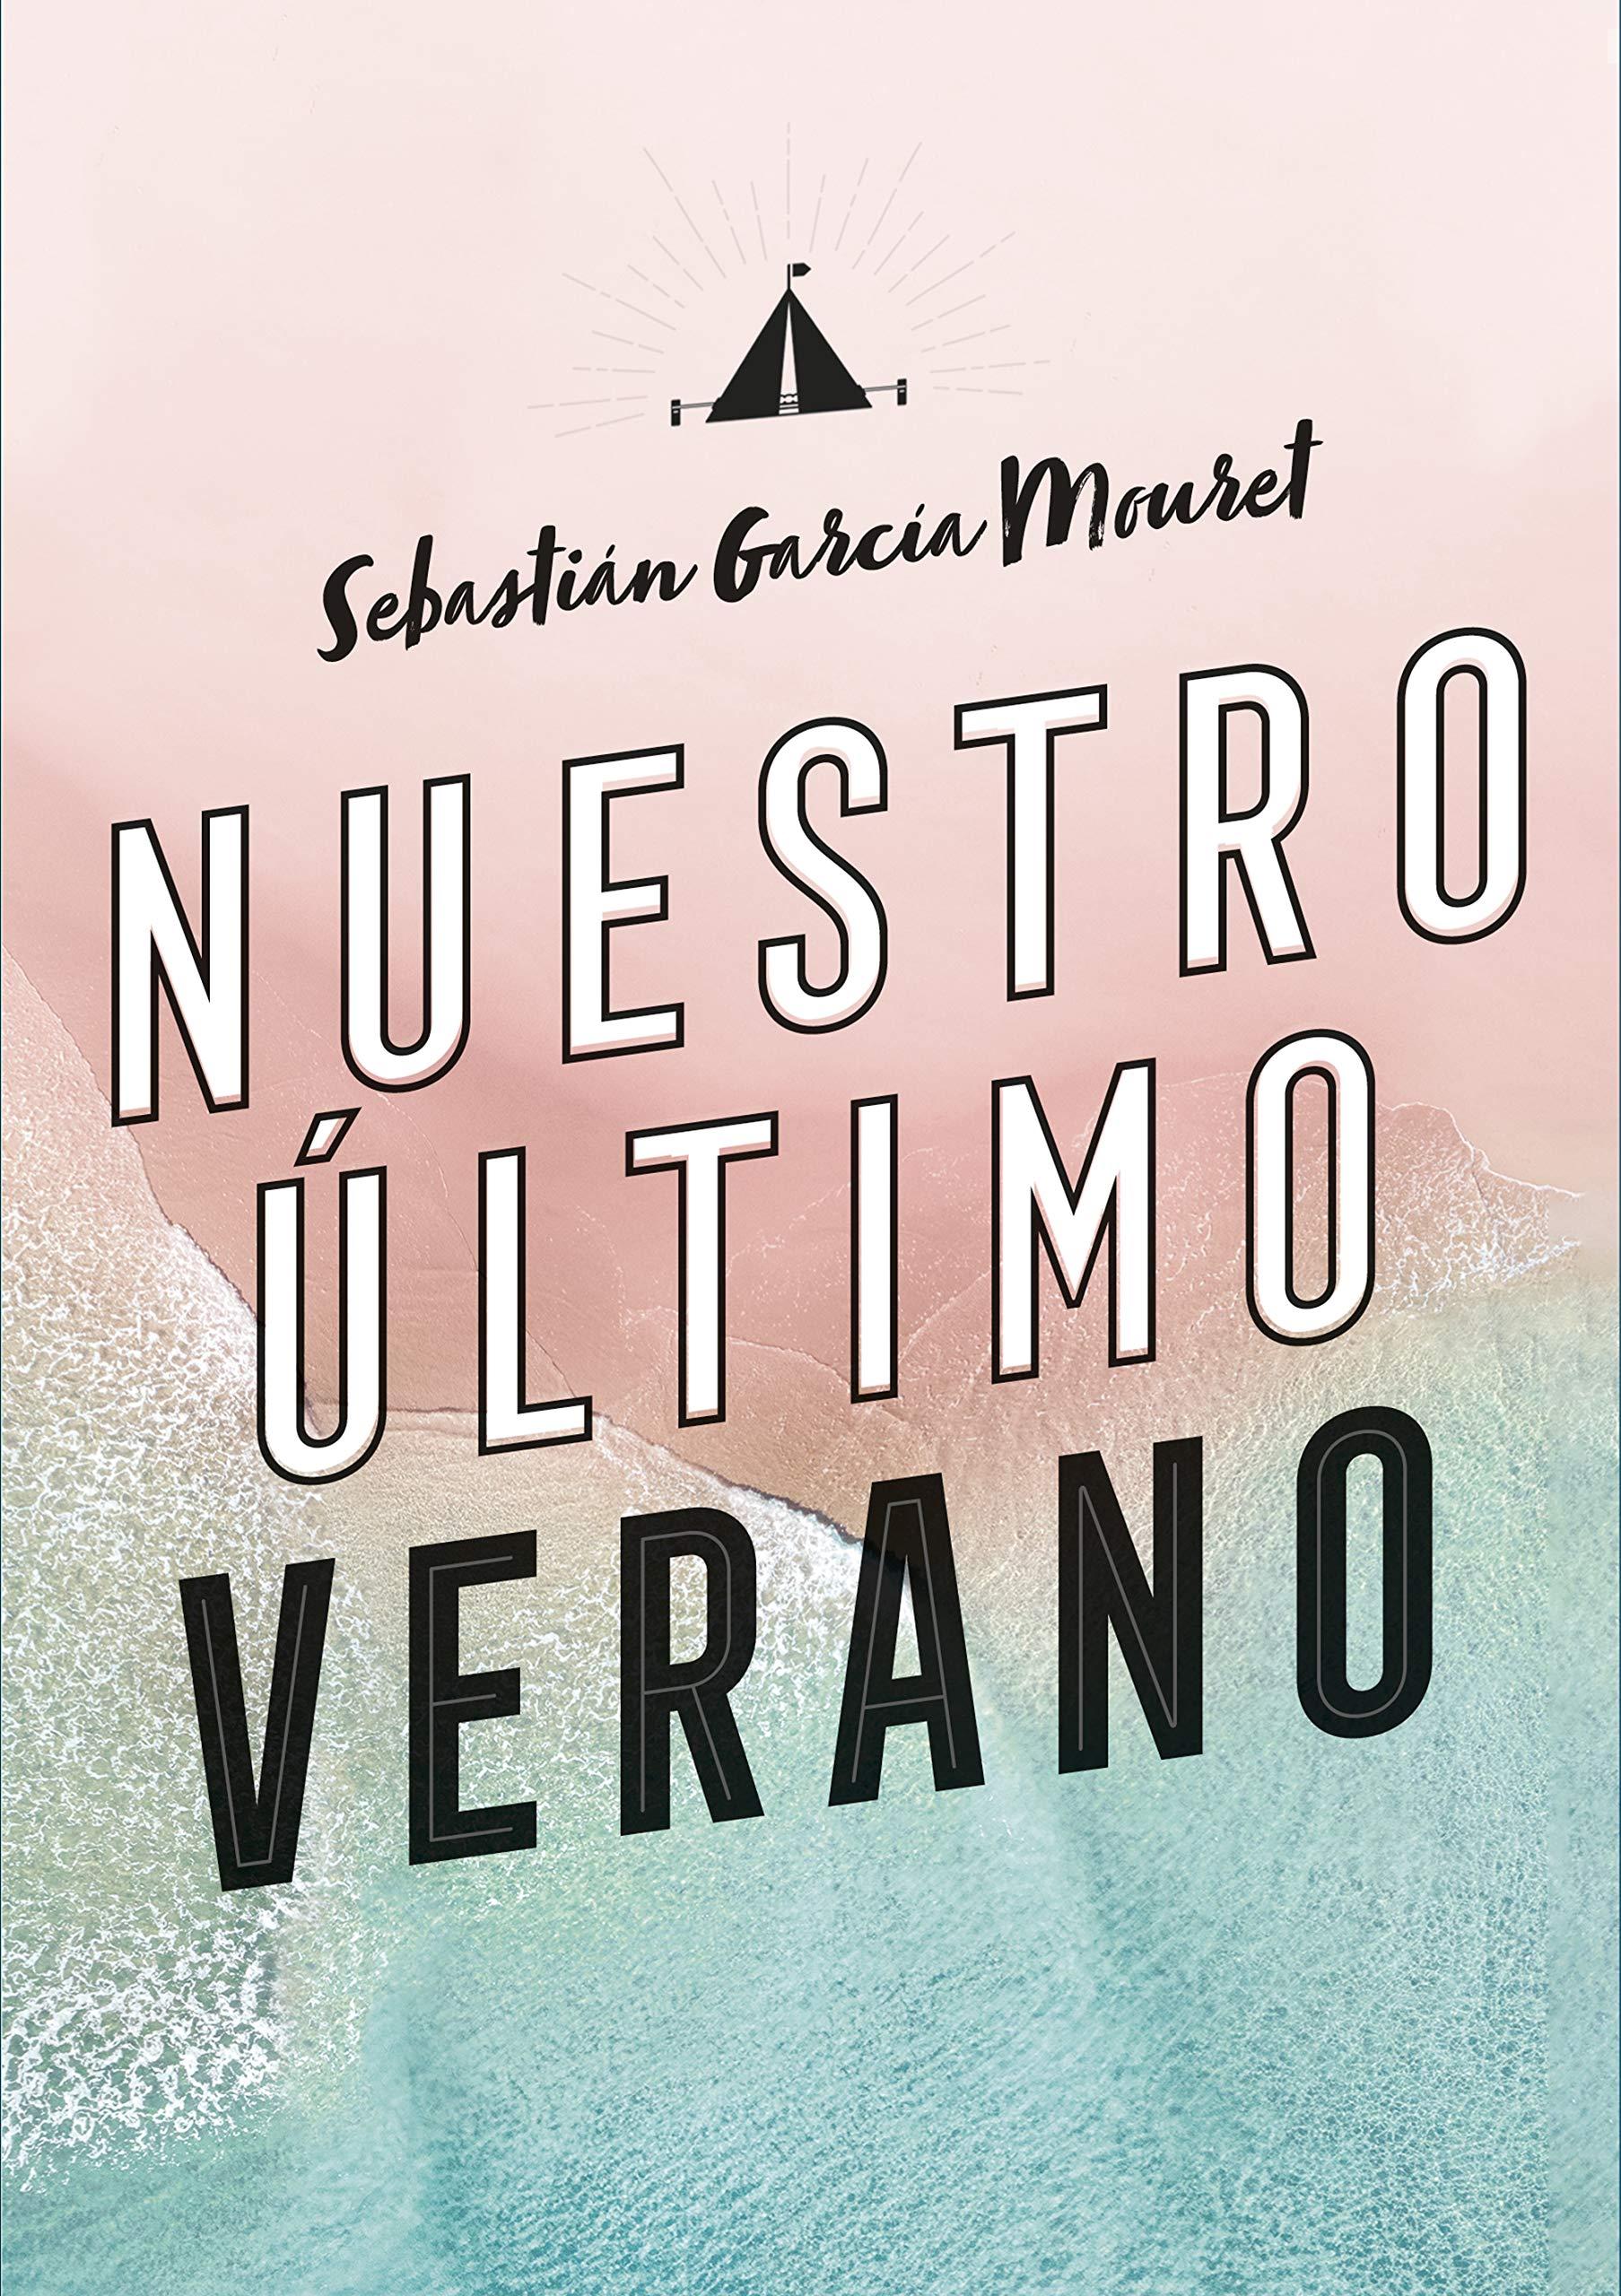 Nuestro último verano (Sin límites): Amazon.es: García Mouret, Sebastián: Libros